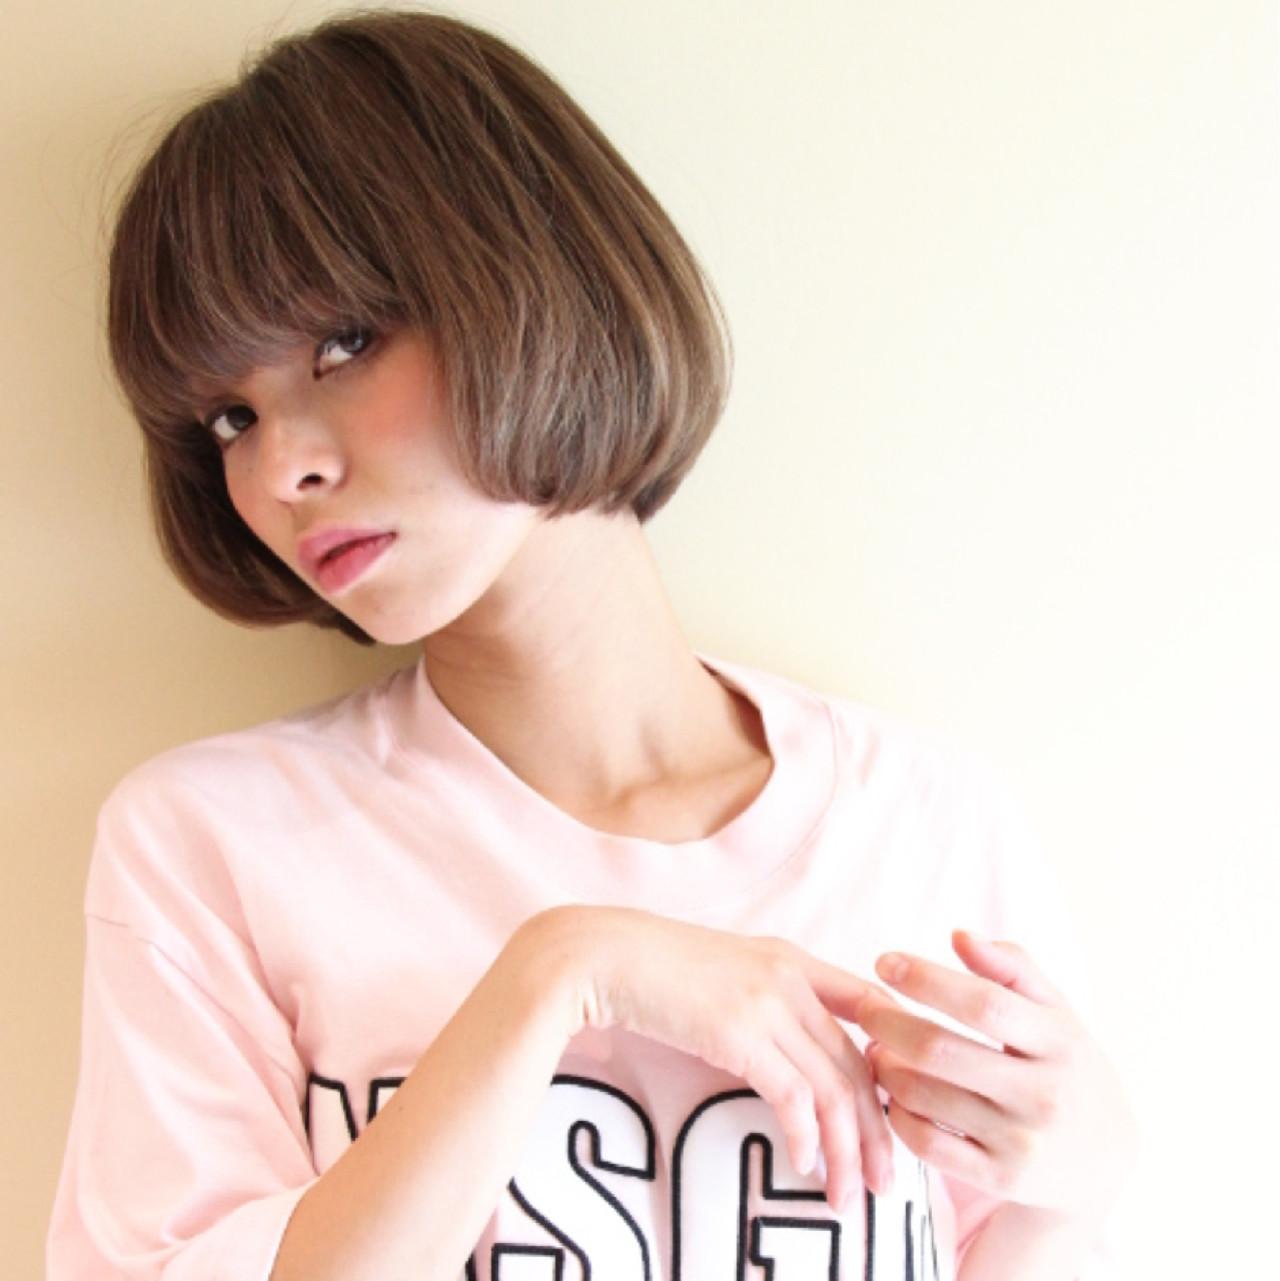 ボブ 大人女子 ニュアンス 色気 ヘアスタイルや髪型の写真・画像 | Masanori Yamasaki / Reuna(レウナ)